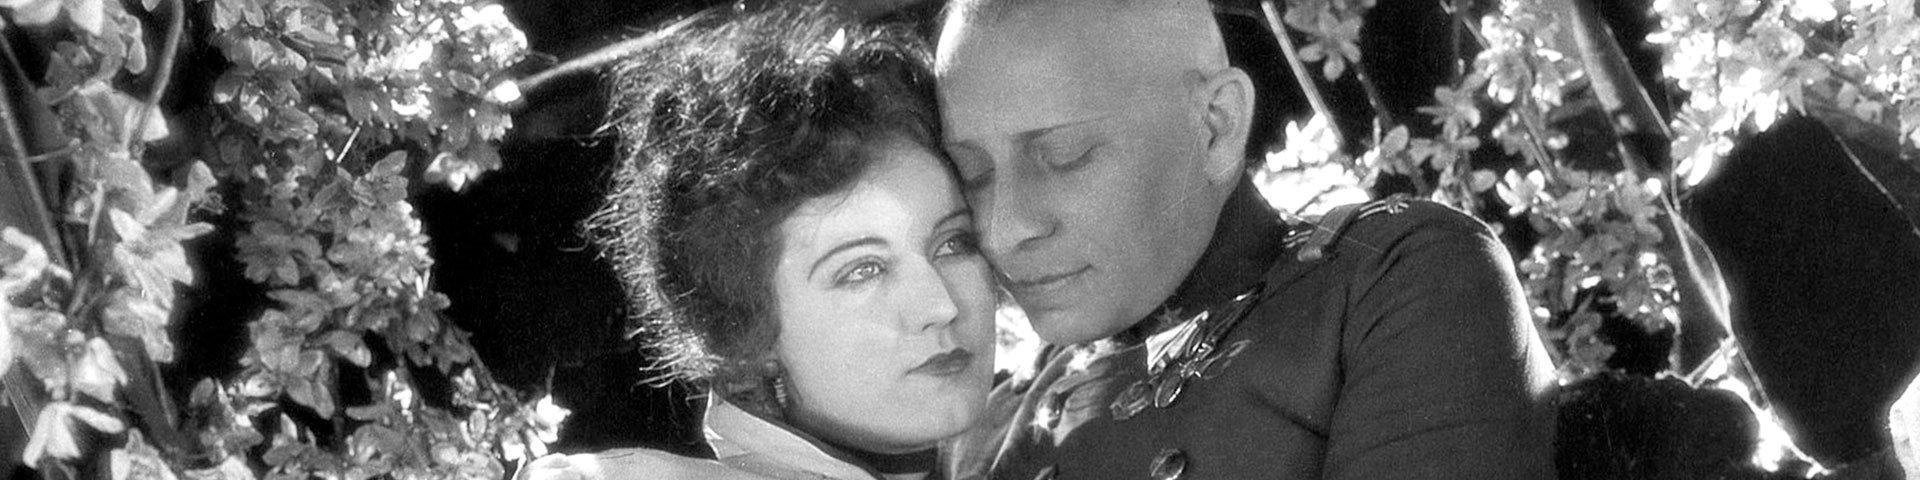 """""""La marcha nupcial"""" (1928) de Erich von Stroheim"""